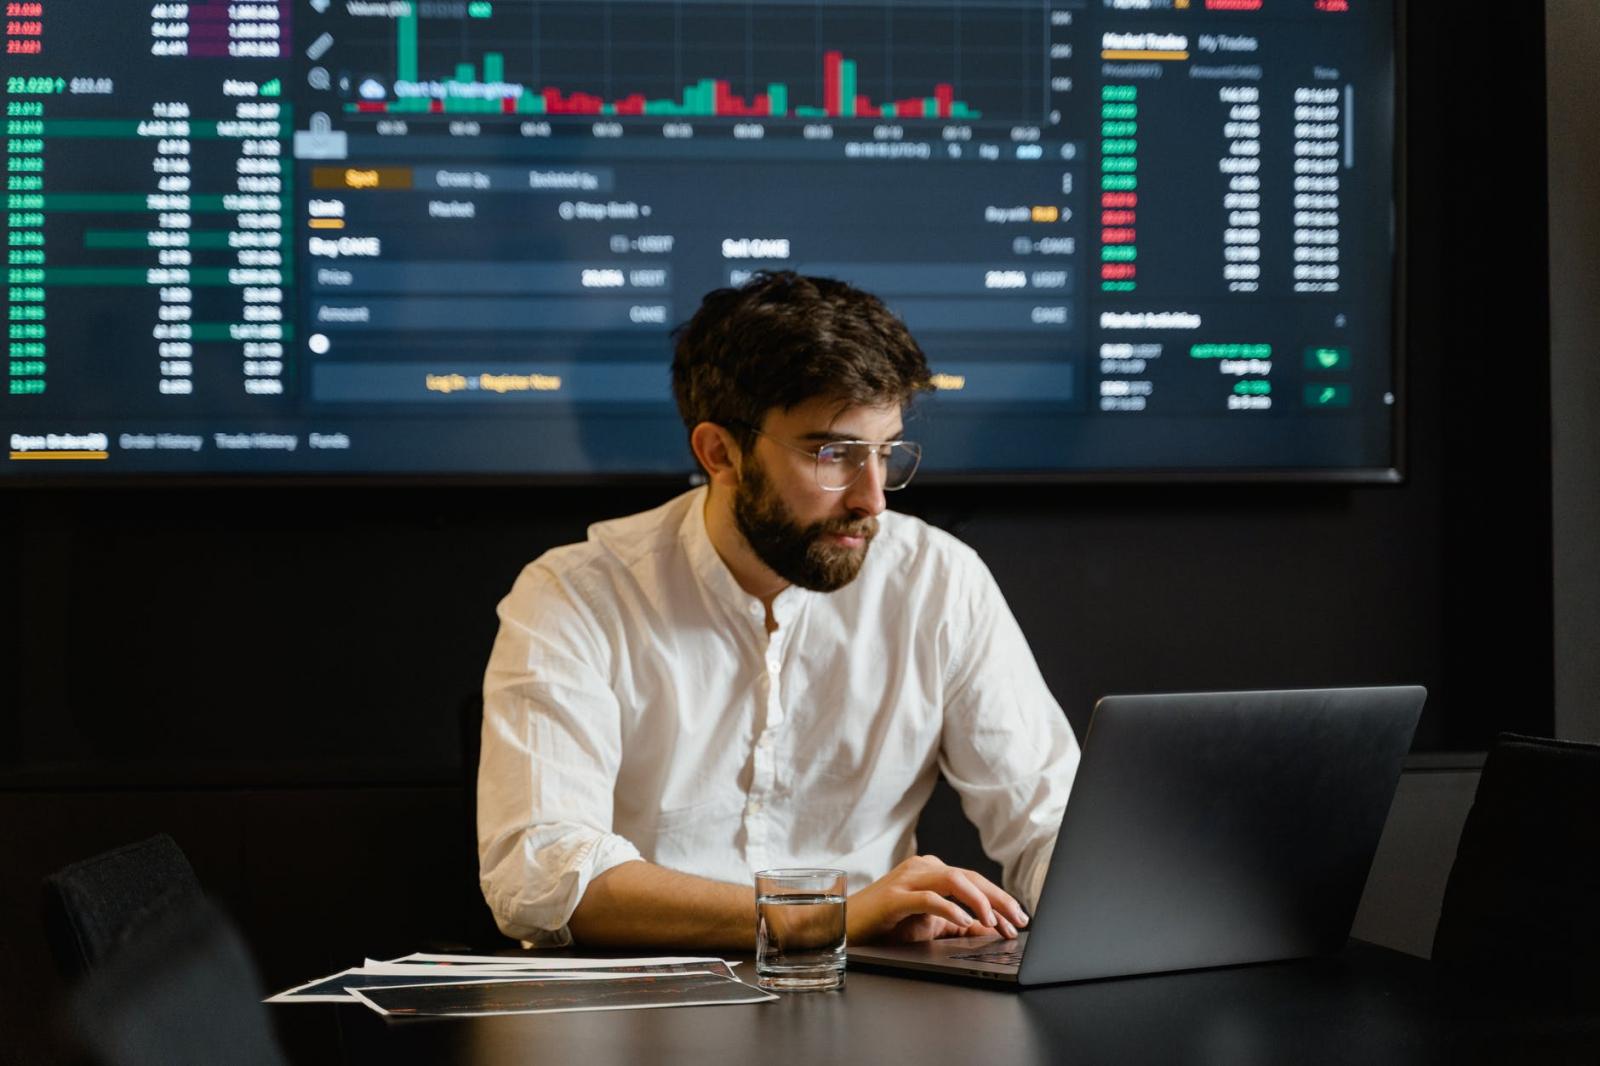 【理財專知】 股票入門前準備 台股交易時間看這裡